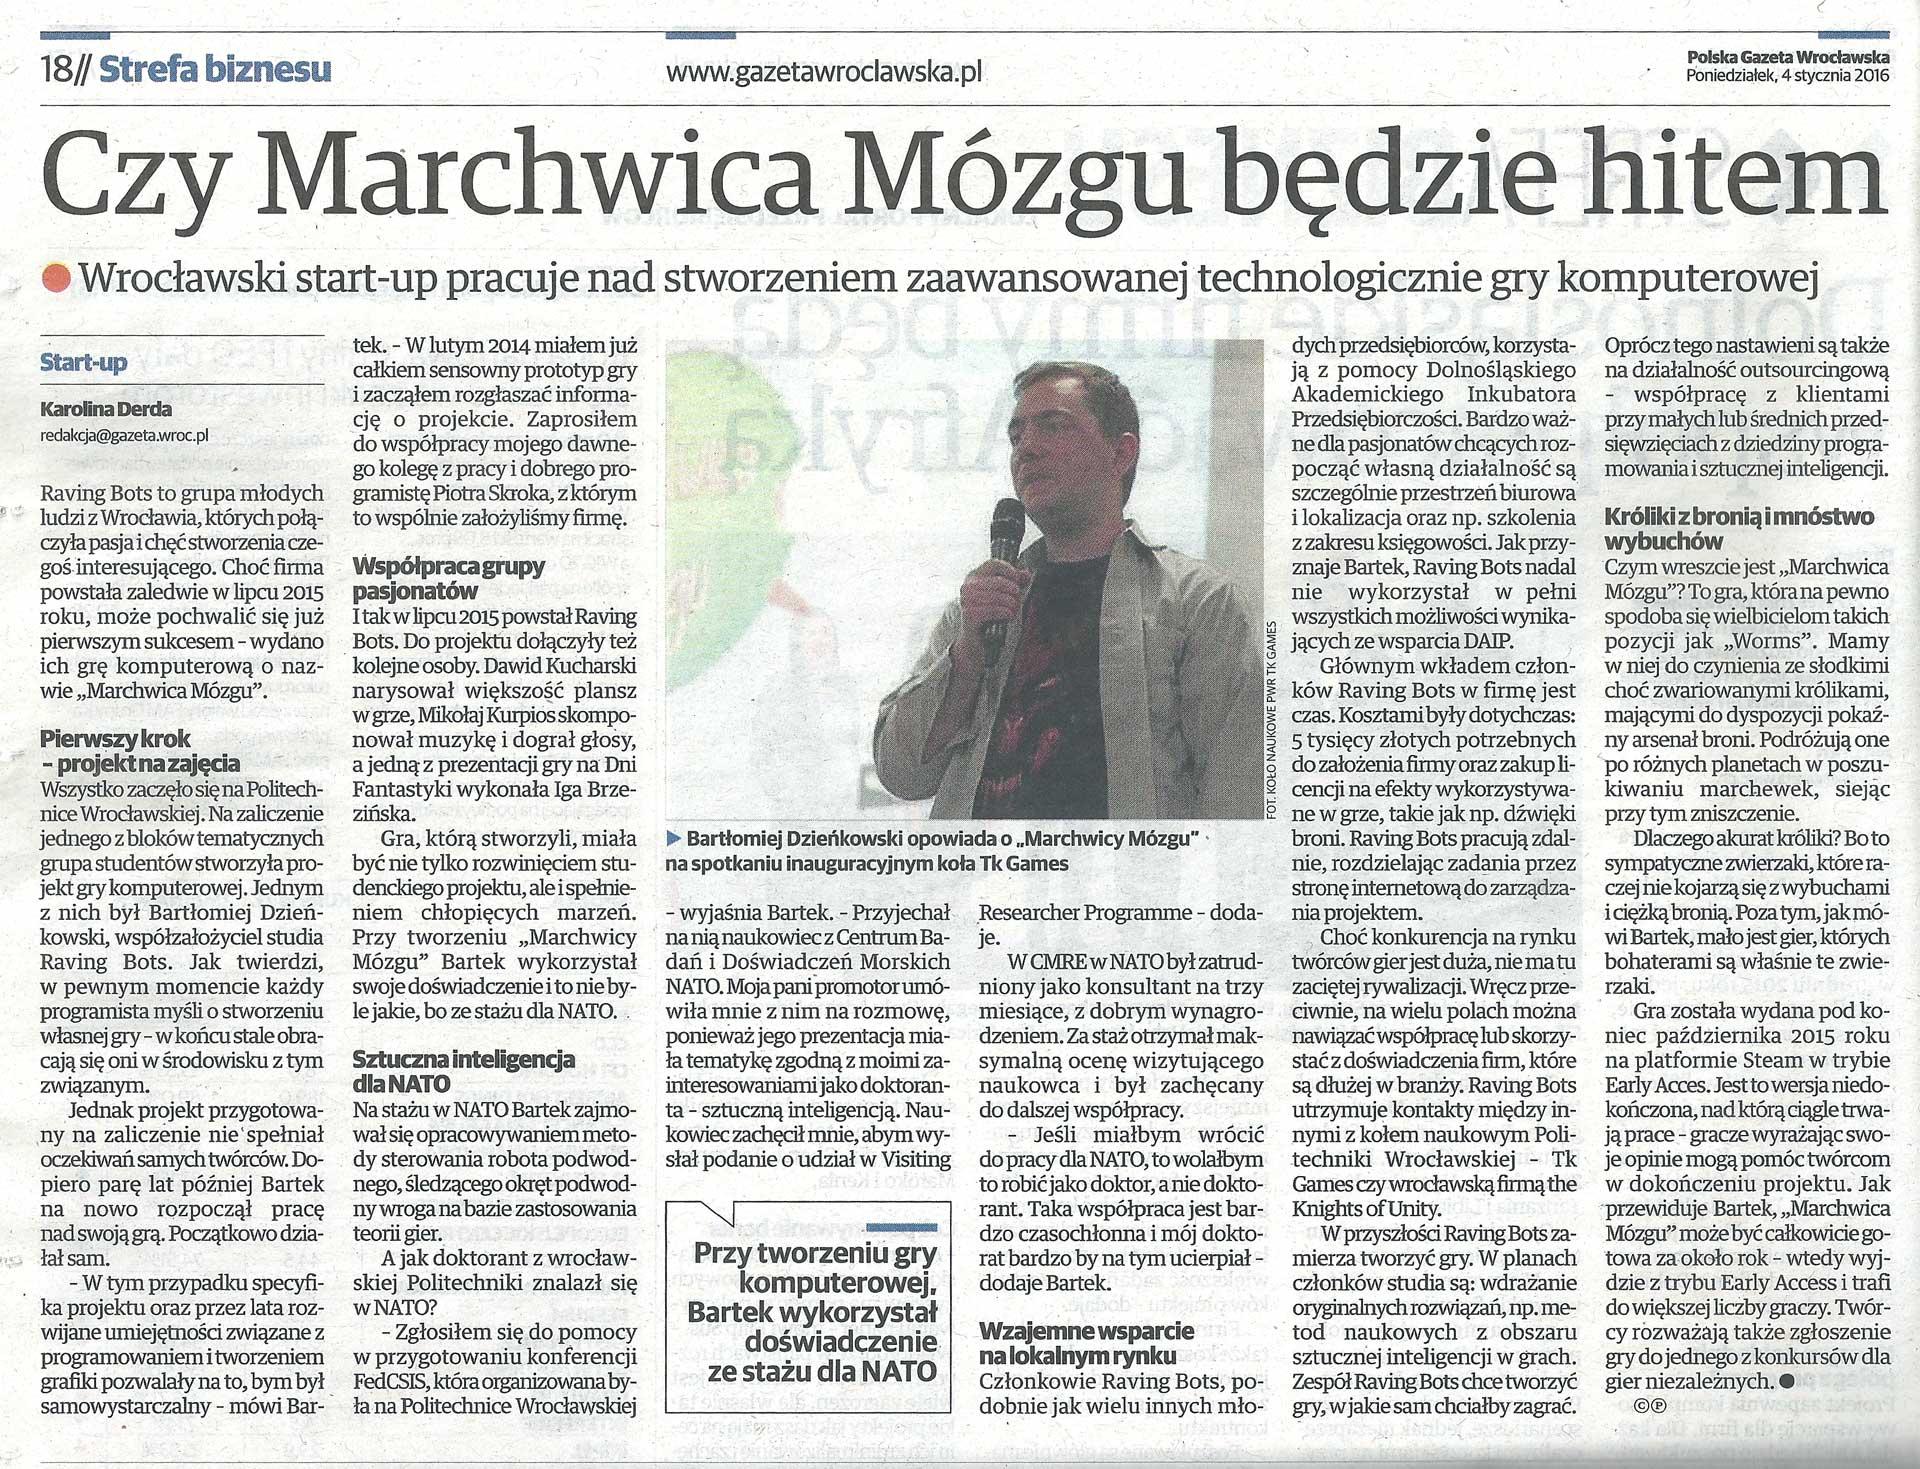 Czy_Marchwica_Mozgu_bedzie_hitem